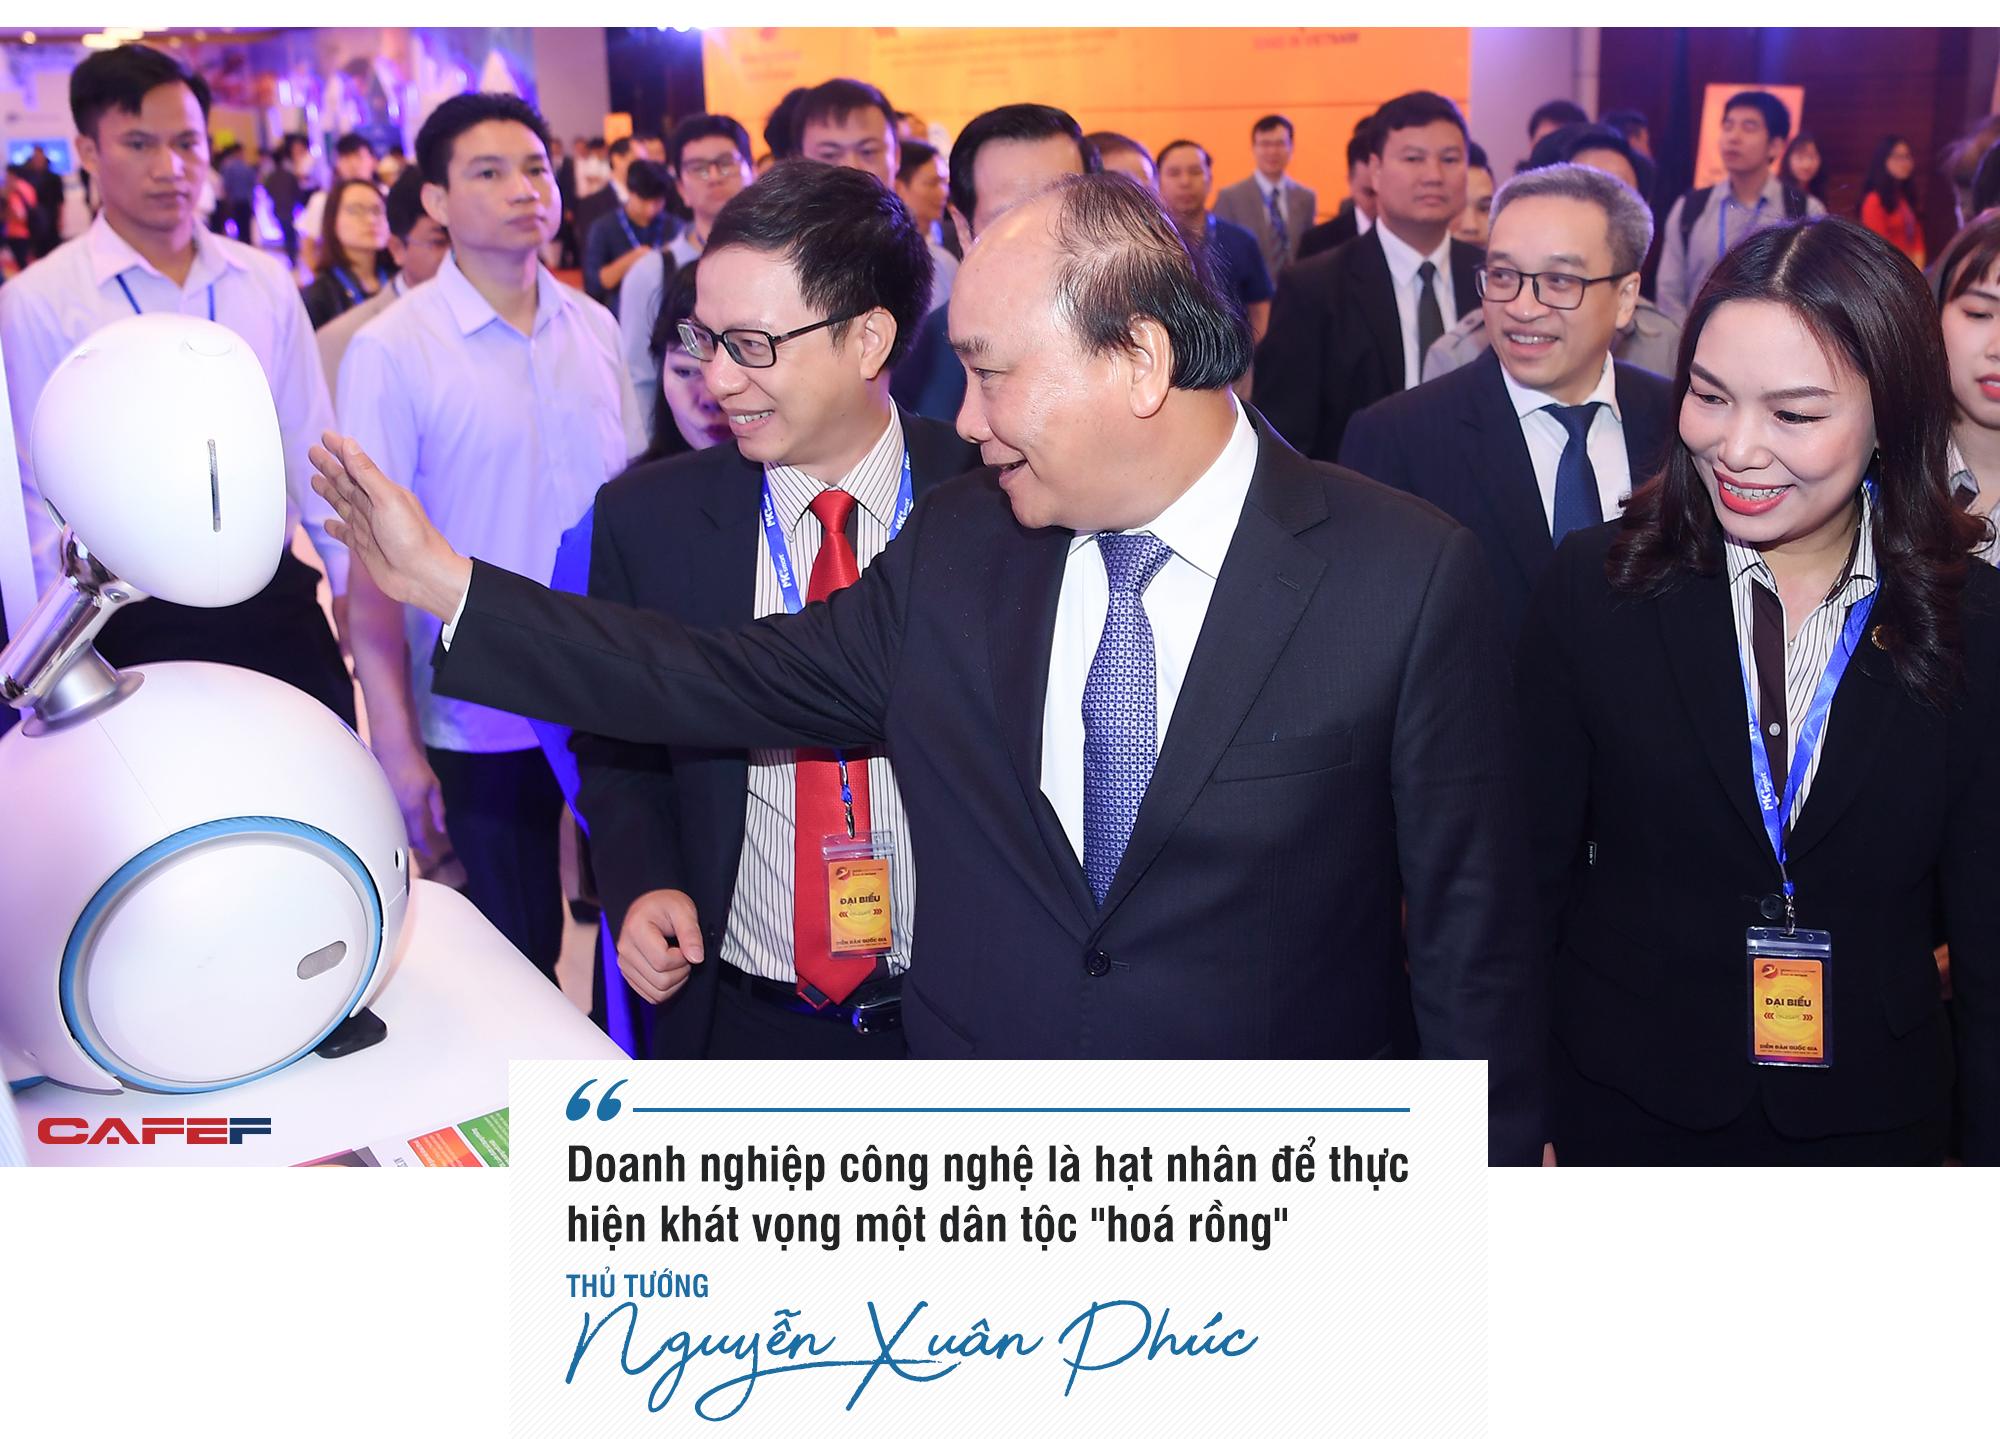 """Những lãnh đạo châu Á đánh dấu hành trình cải cách công nghệ, khát vọng đưa quốc gia """"hóa hổ, hóa rồng"""" - Ảnh 7."""